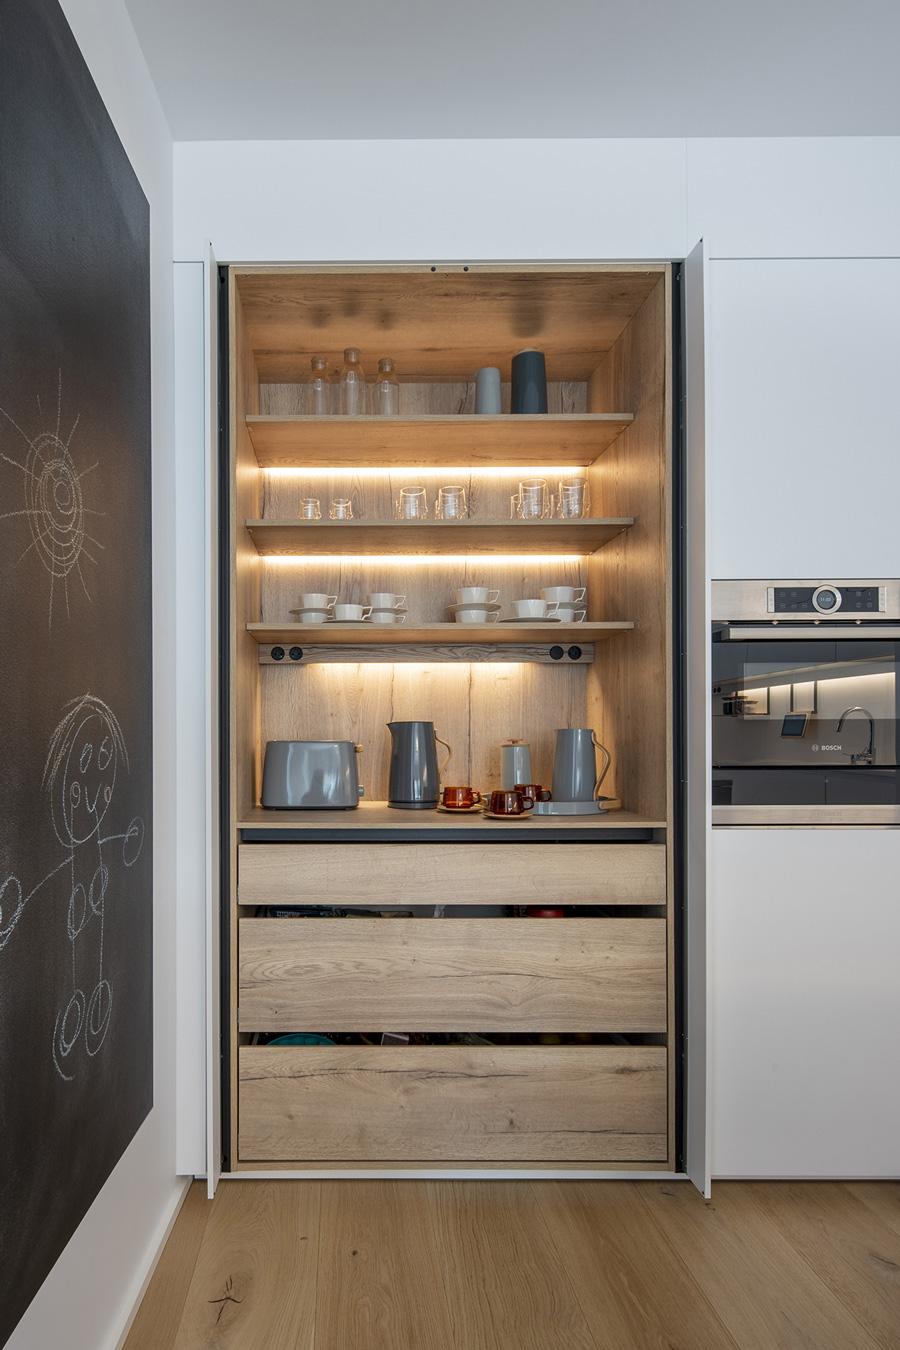 Pizarra en cocina abierta con estantería al fondo. Santiago Interiores